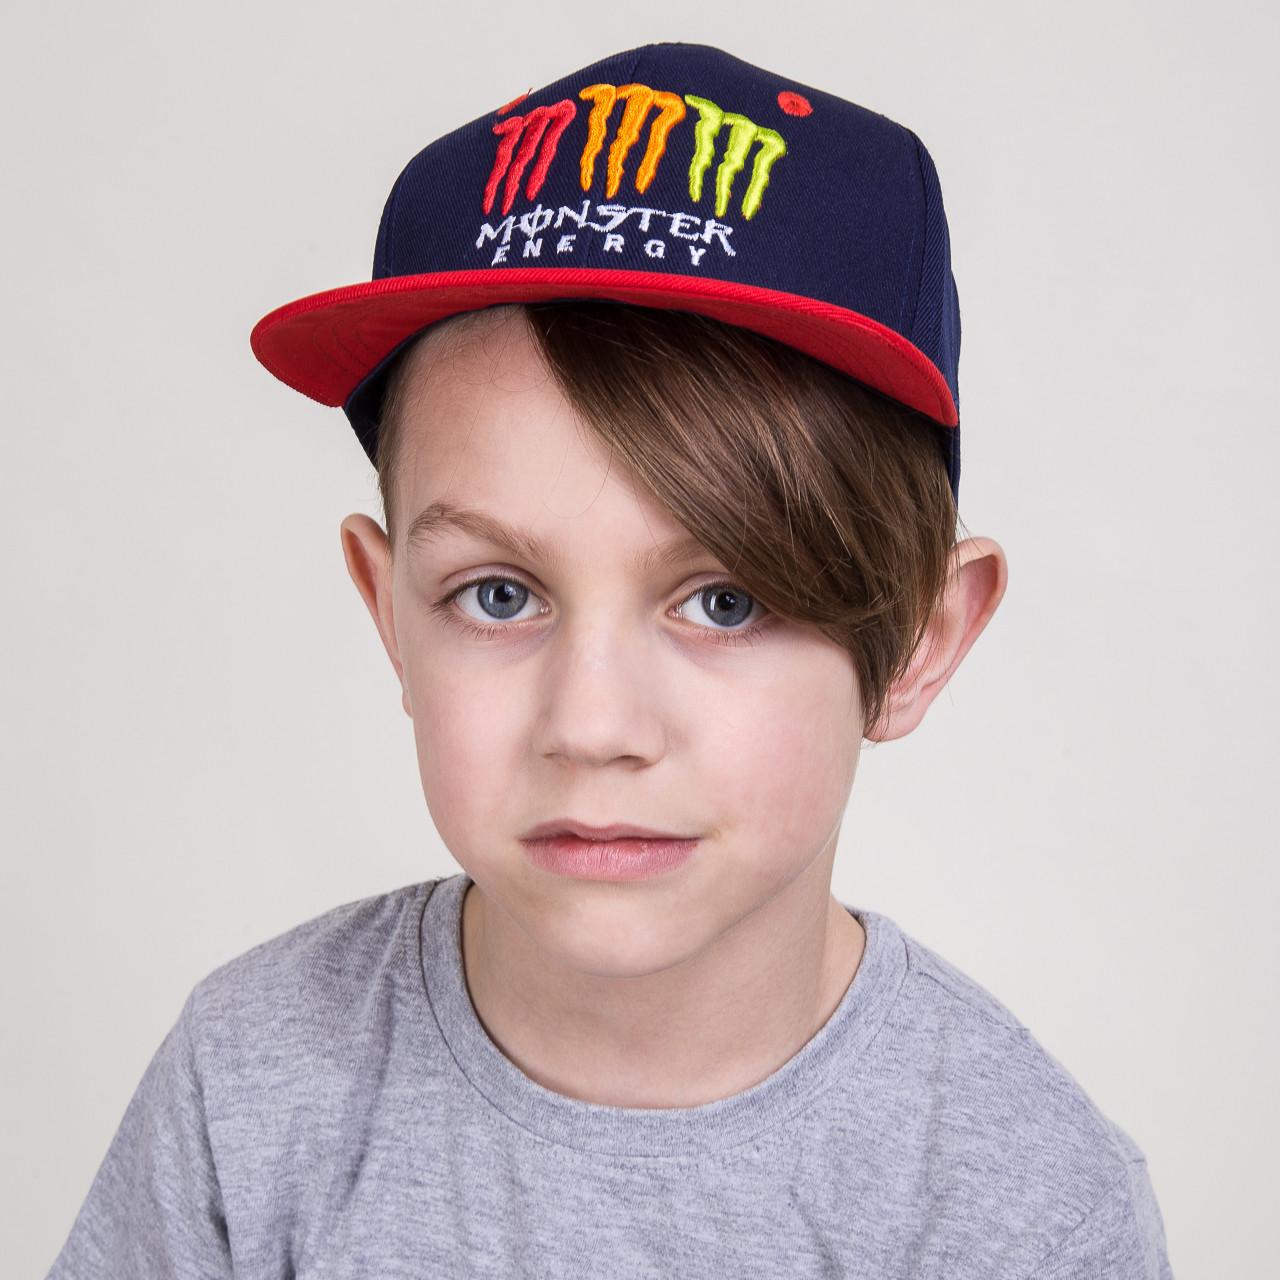 Реперская кепка для мальчика от производителя - Energy - Б18